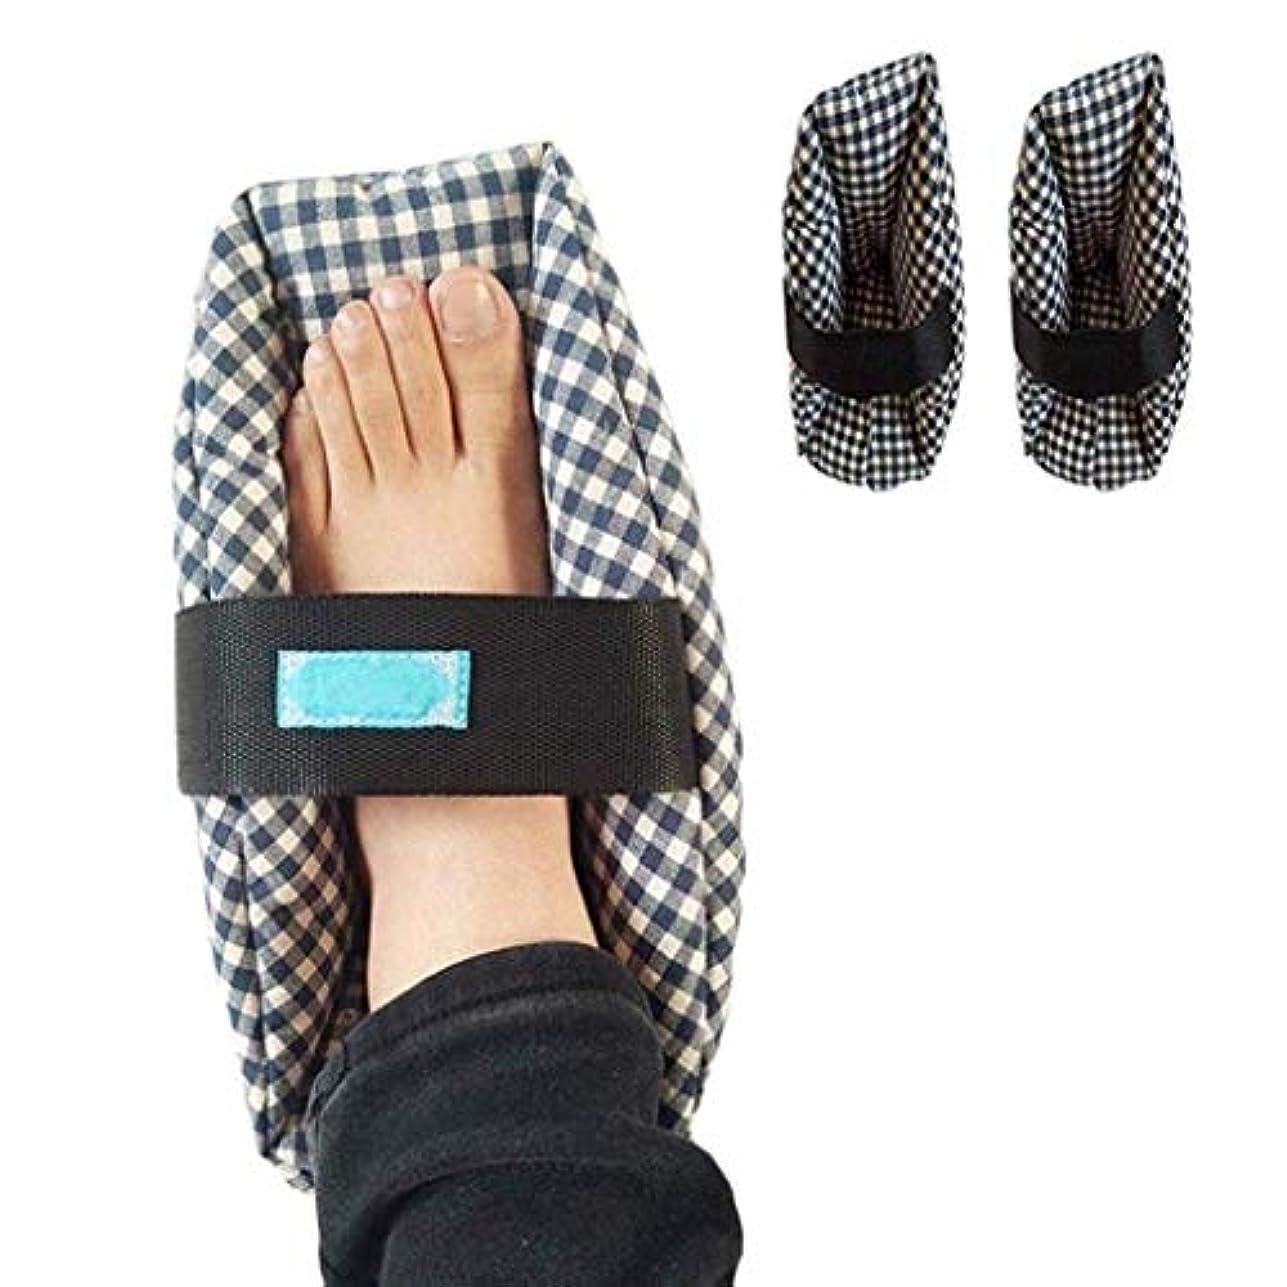 想像力ベルスクリュー柔らかい快適なかかとプロテクター枕高齢者の足の補正カバーかかとパッドプロテクター反De瘡腫れ足寝たきり患者